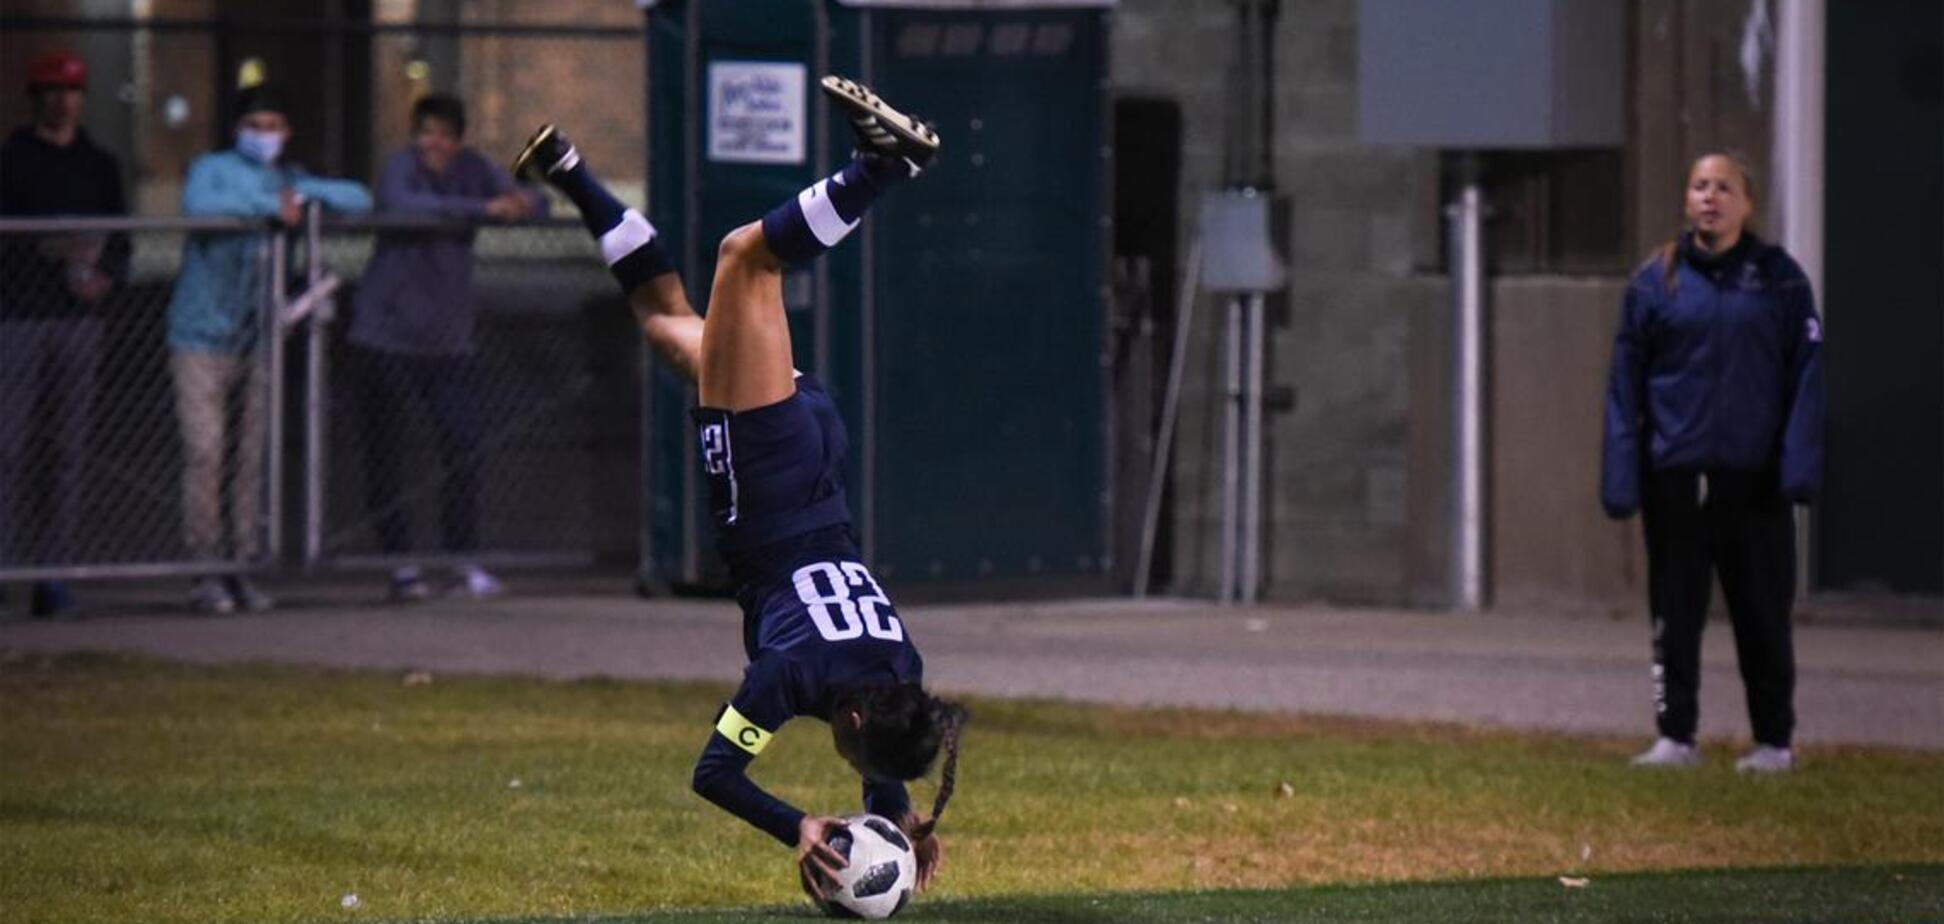 Футболіст кидає аут після переднього сальто